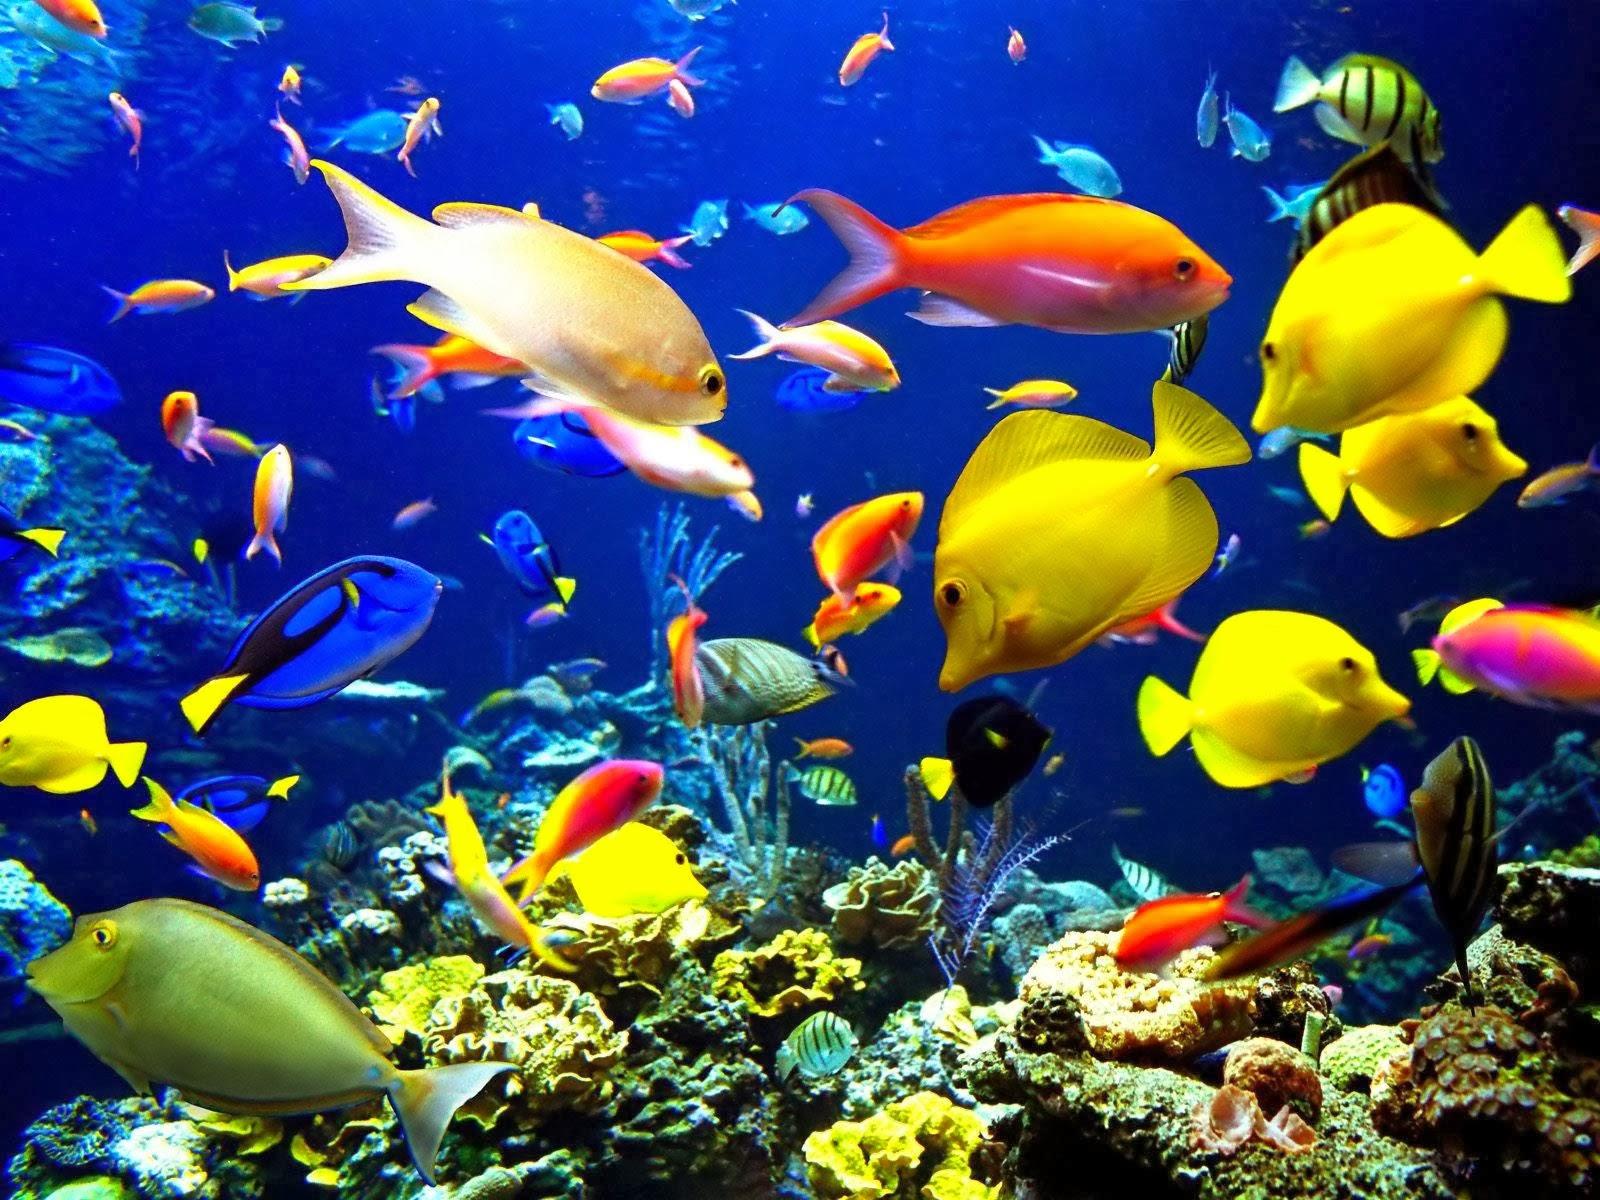 Aquarium wallpaper free beautiful desktop wallpapers 2014 for Beautiful tropical fish